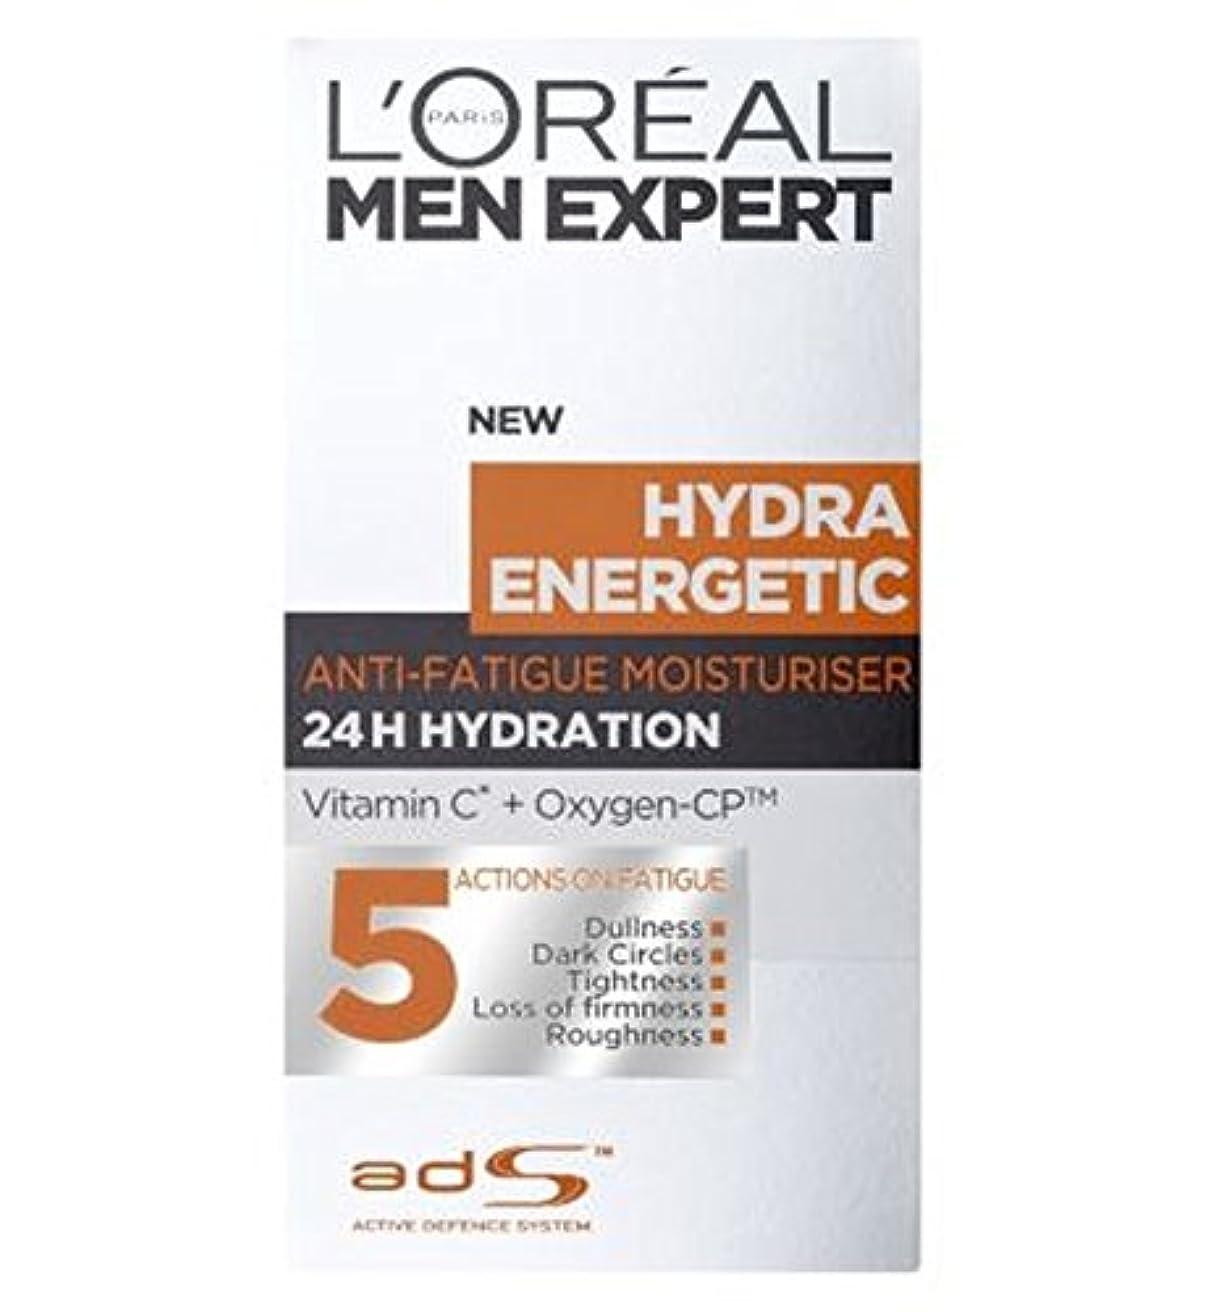 身元繁雑賭けロレアルの男性の専門家ヒドラエネルギッシュな毎日の保湿クリーム50Ml (L'Oreal) (x2) - L'Oreal Men Expert Hydra Energetic Daily Moisturiser 50ml (Pack of 2) [並行輸入品]